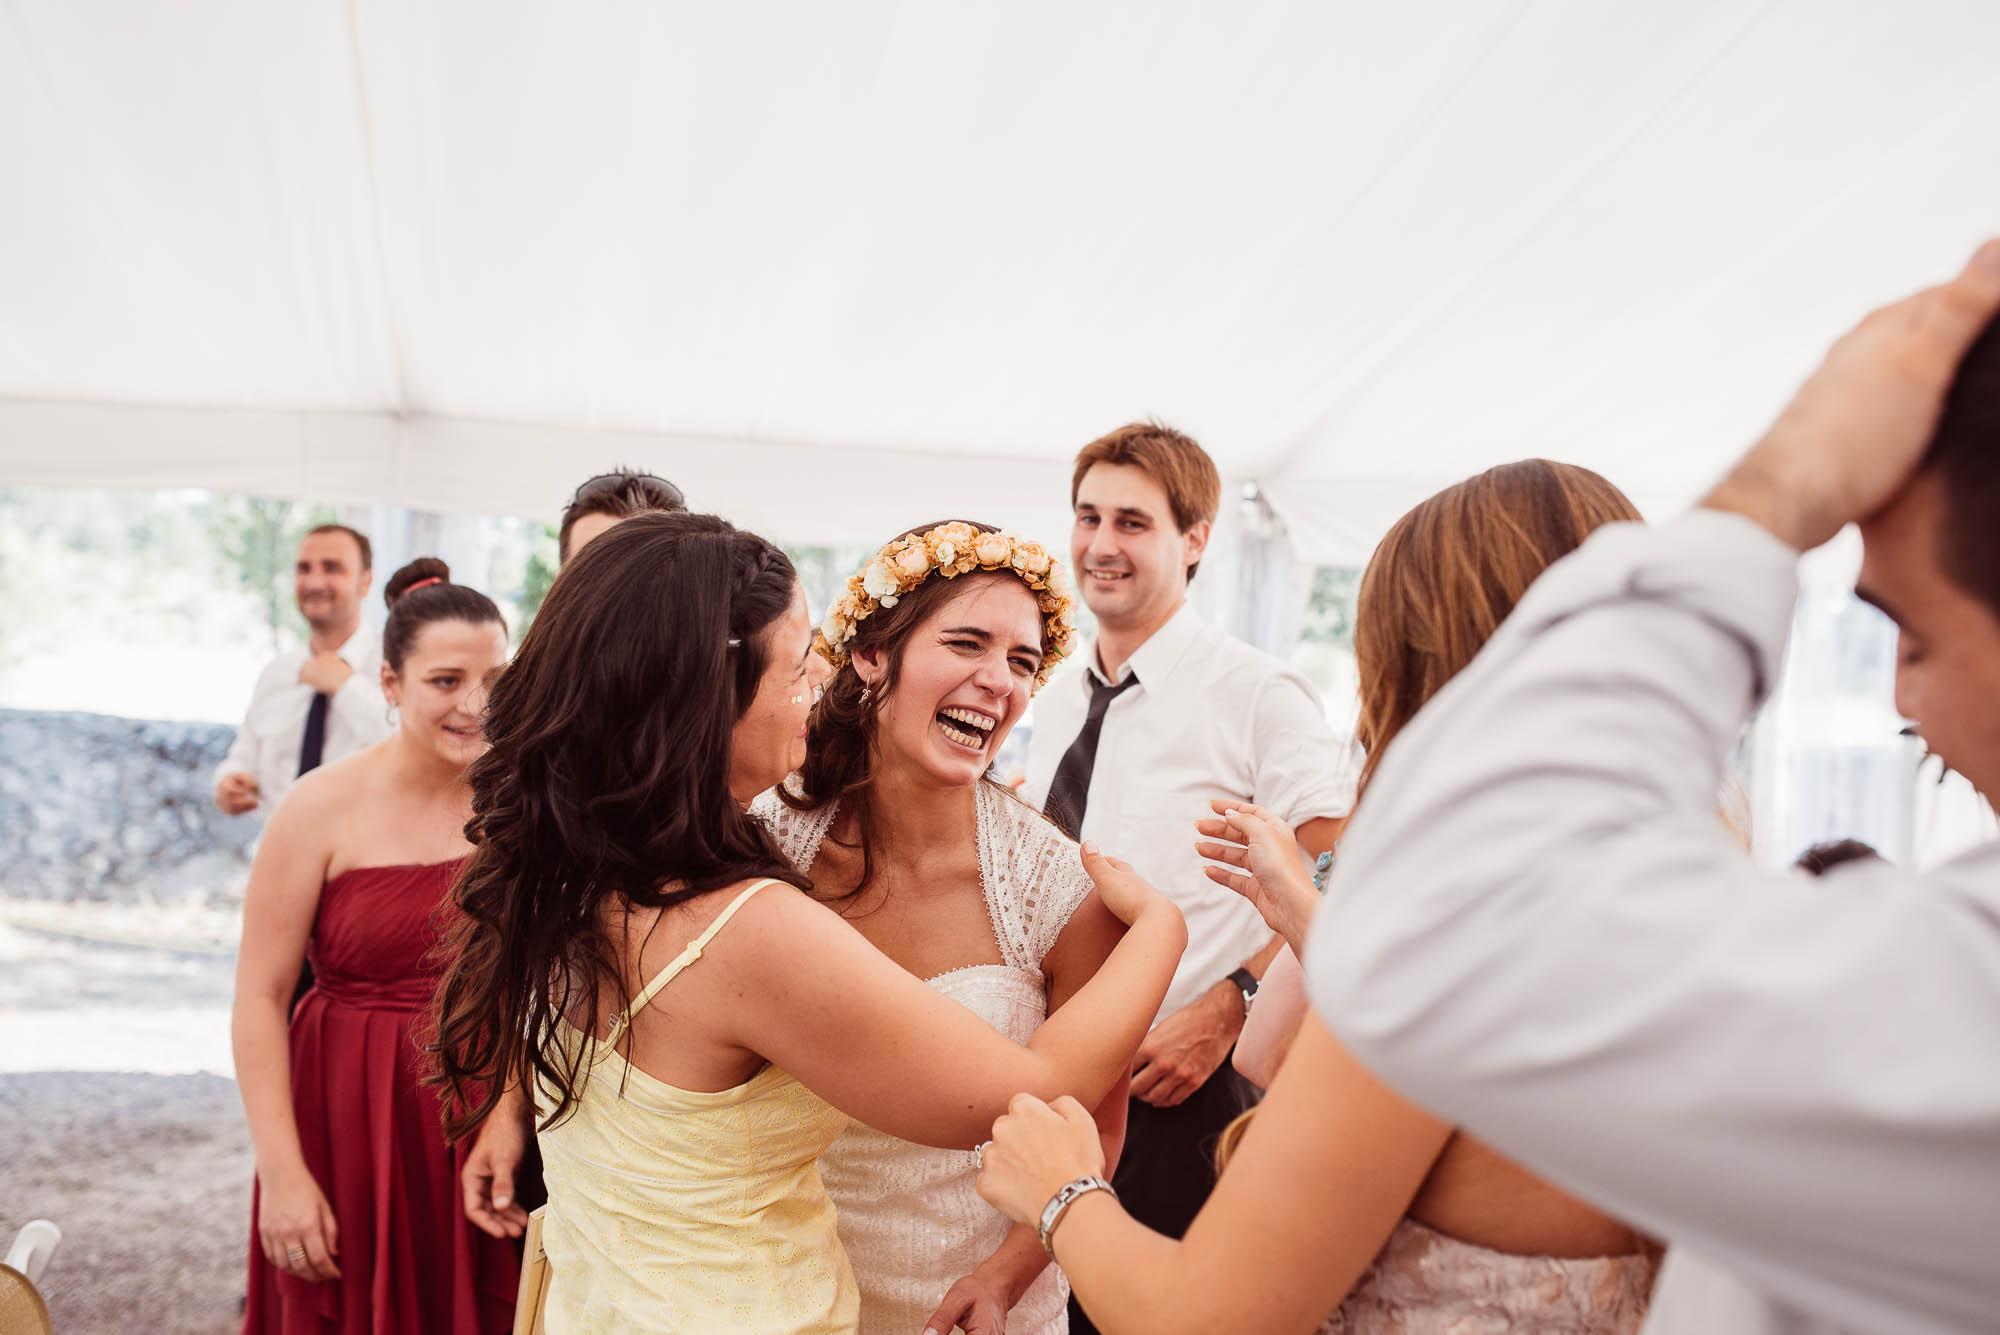 La novia feliz abraza a los invitados